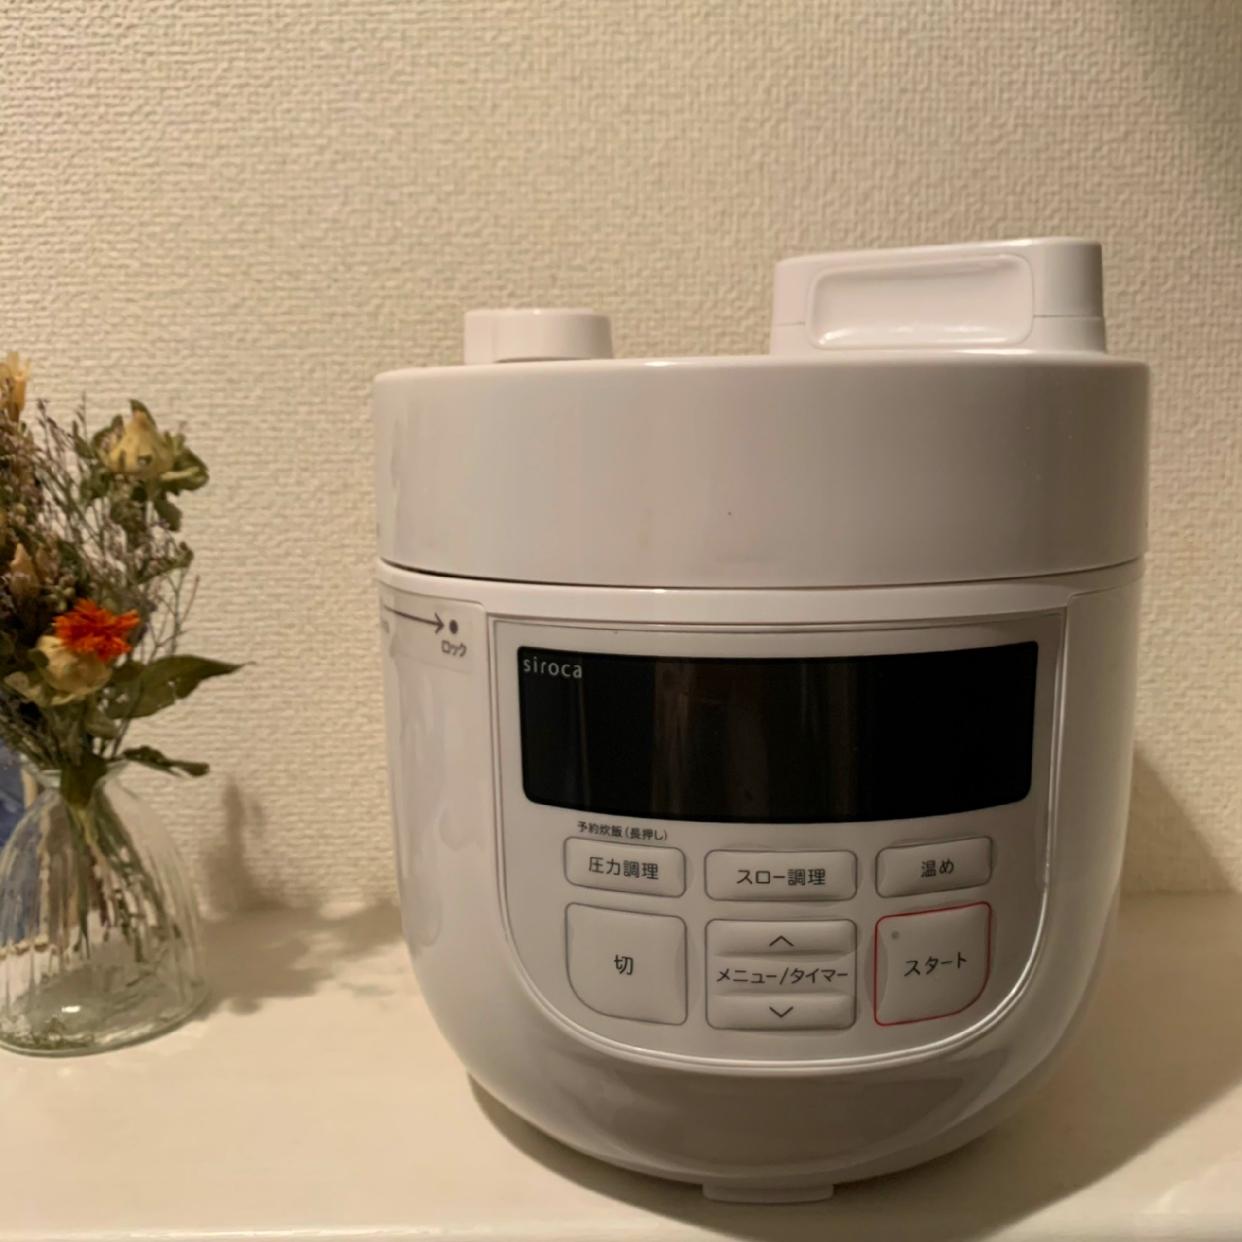 siroca(シロカ)電気圧力鍋 SP-4D151を使ったakaneさんのクチコミ画像1